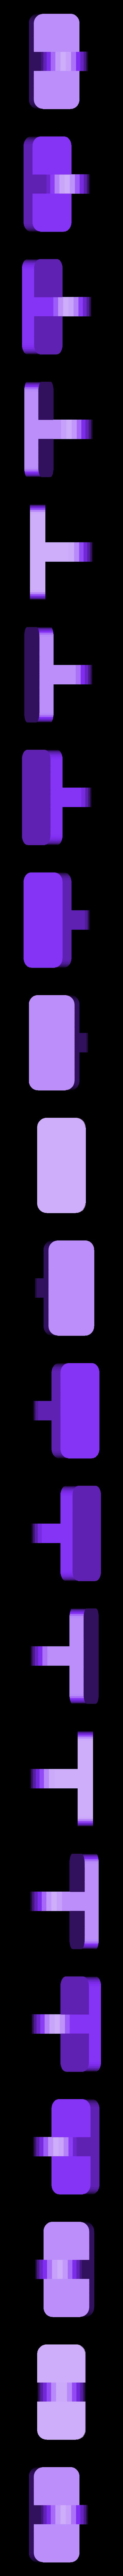 eye01.STL Télécharger fichier STL gratuit Accessoires pour le Hobbyking (Piccole Ali) Macchi C.205 Veltro ARF • Modèle pour impression 3D, tahustvedt